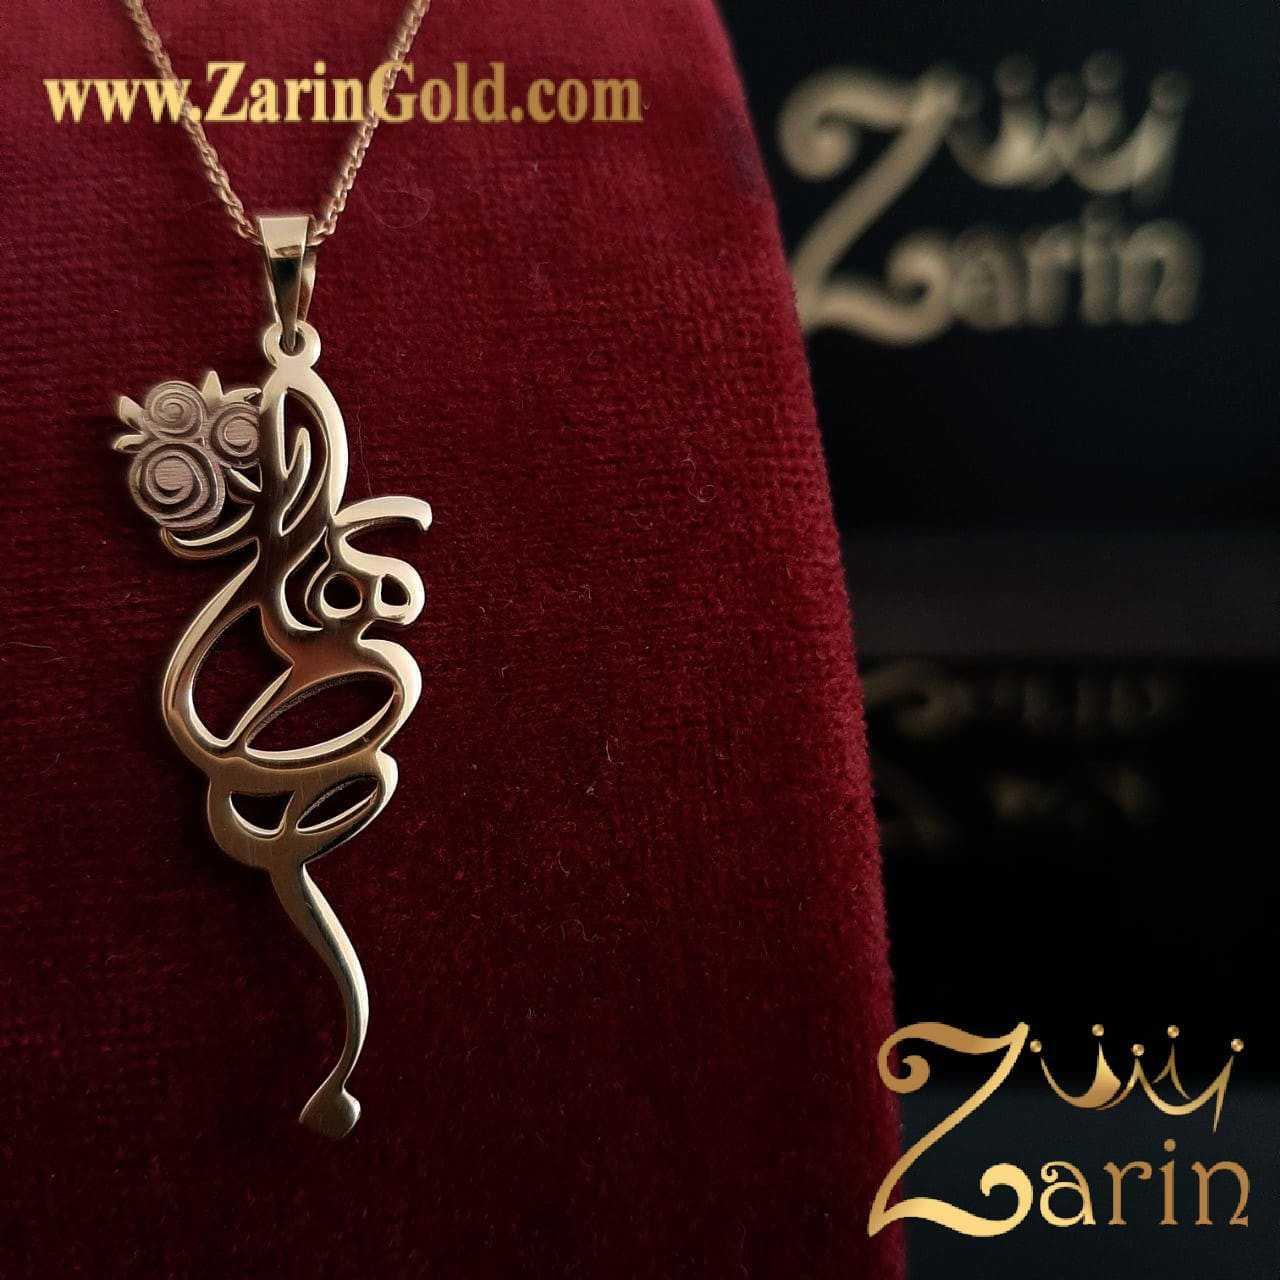 پلاک طلا فارسی اسم بهار